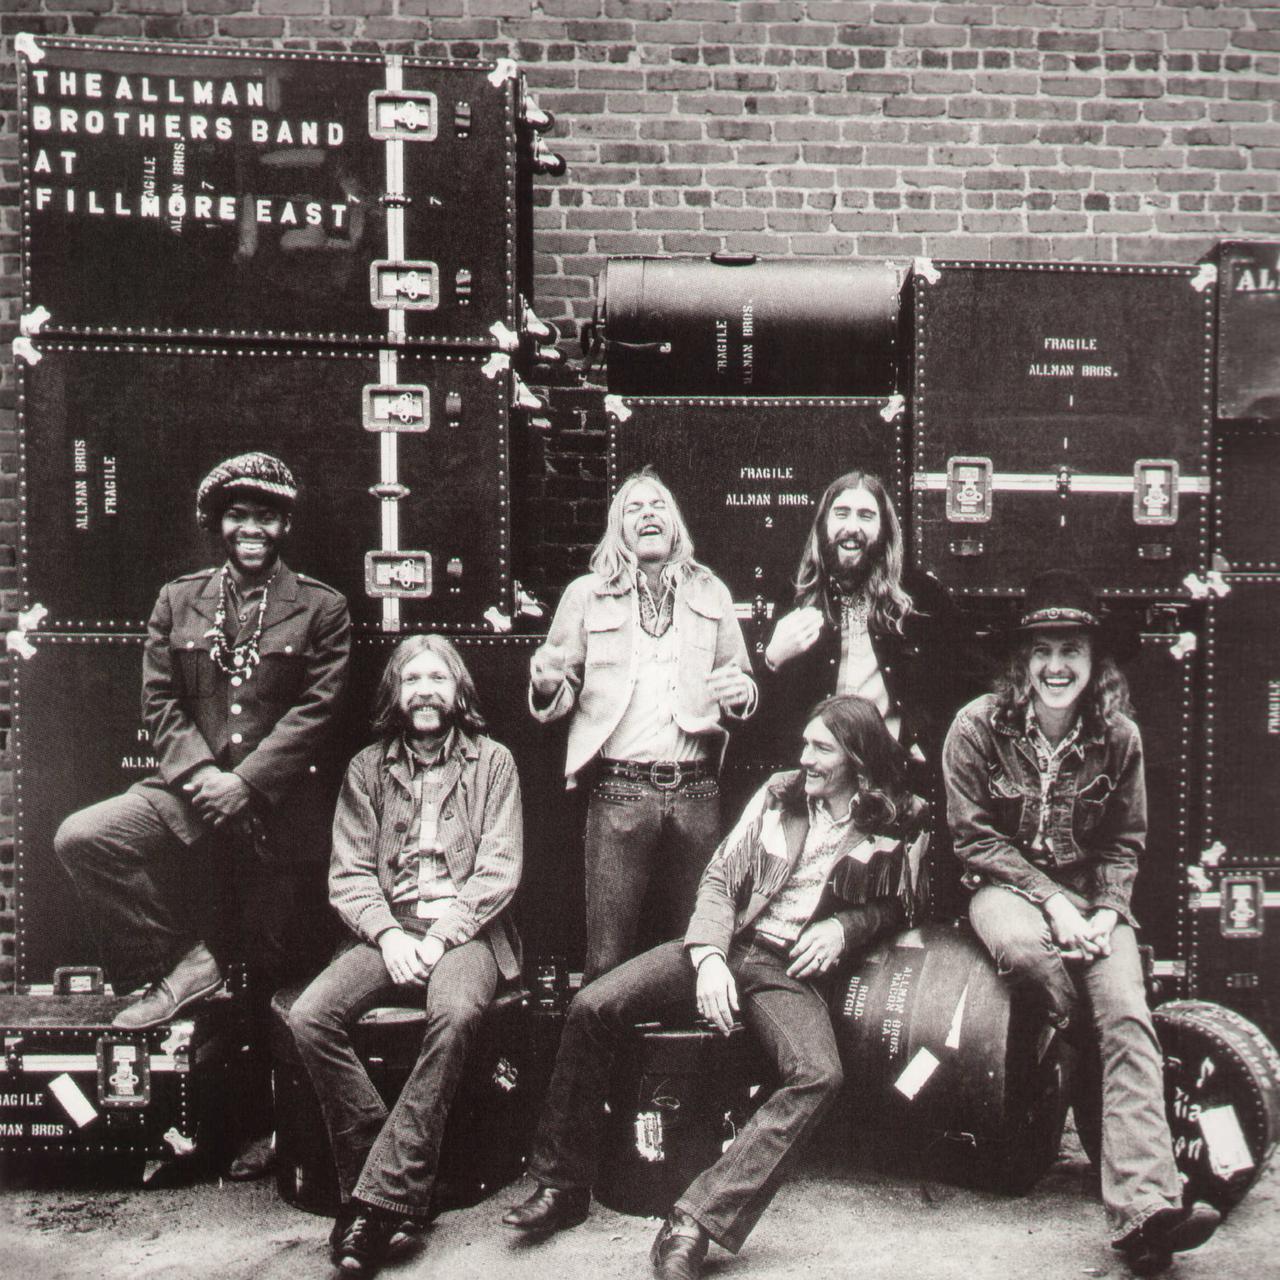 Fillmore East, February 1970 - Wikipedia